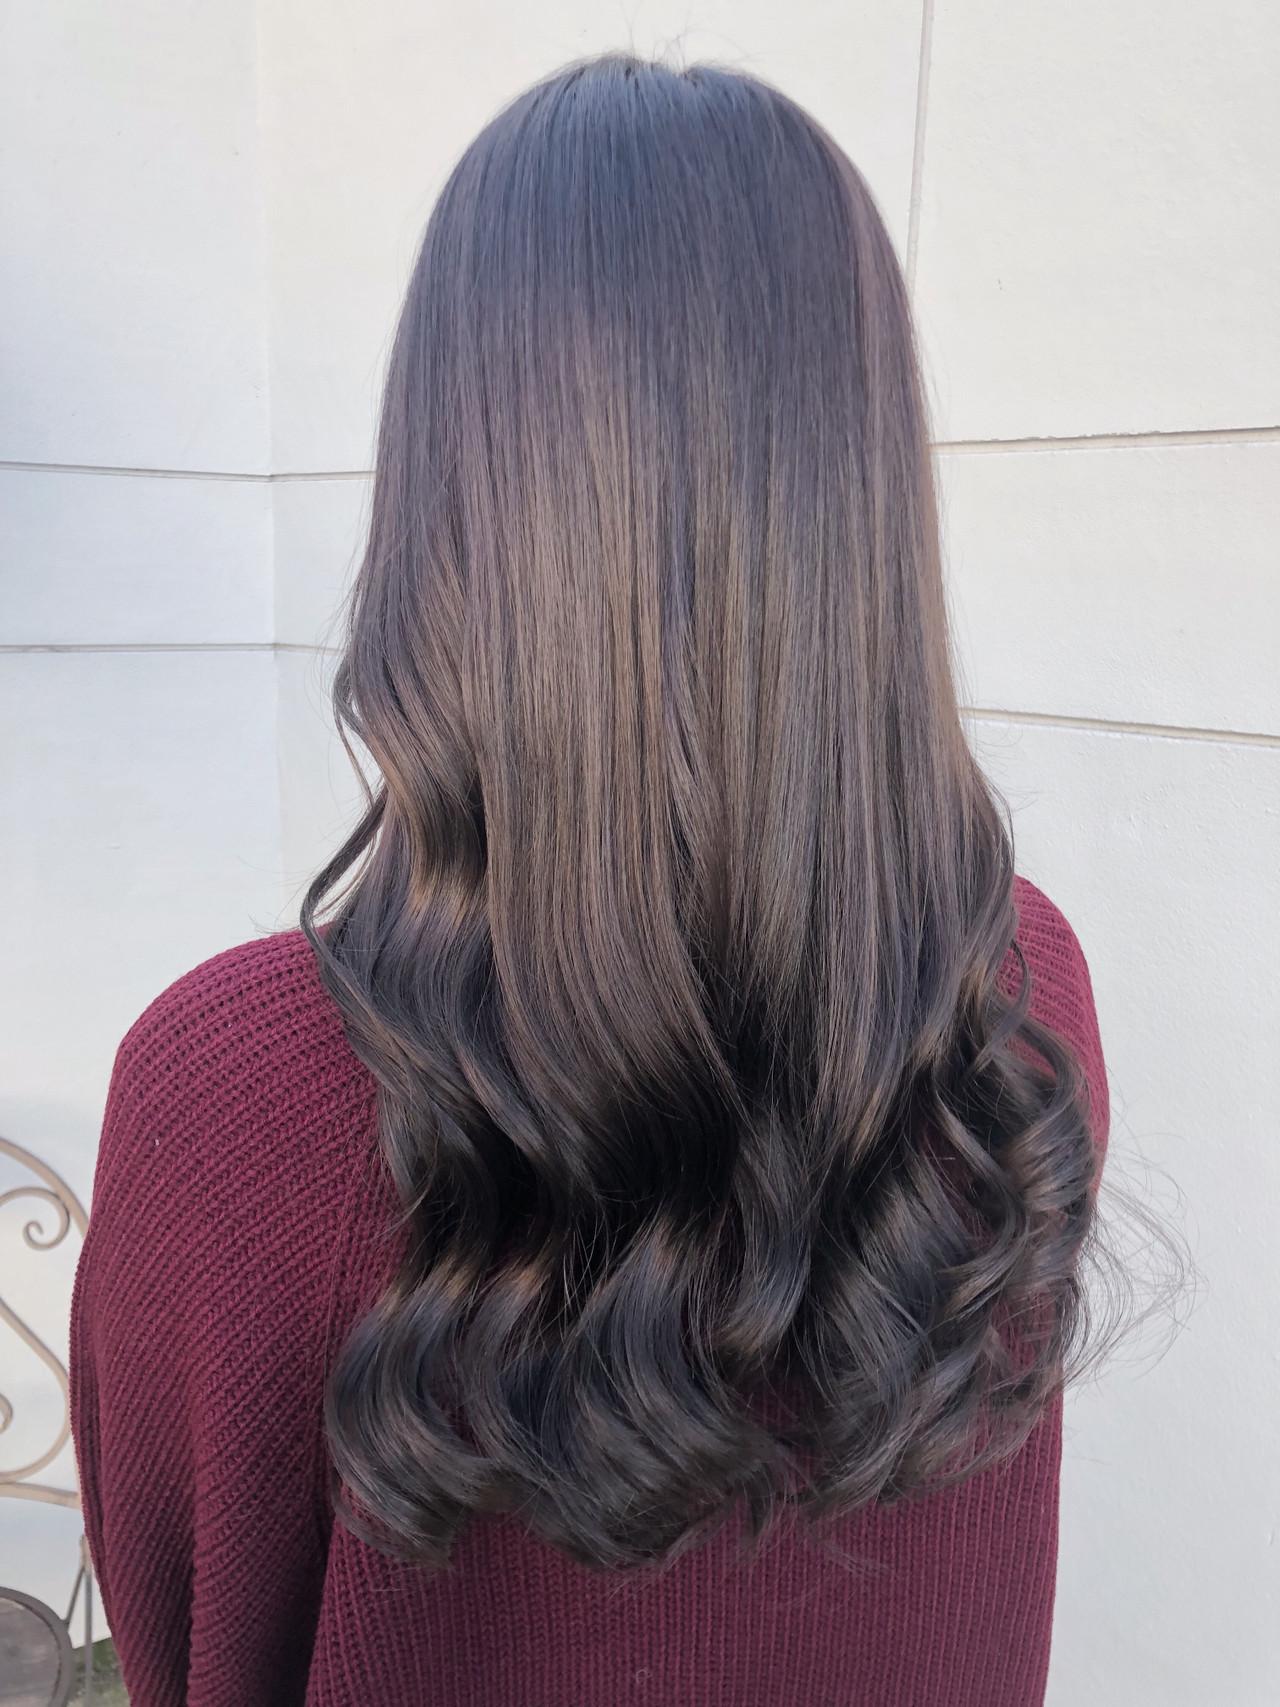 グレージュ ナチュラル 暗髪 アッシュグレージュ ヘアスタイルや髪型の写真・画像